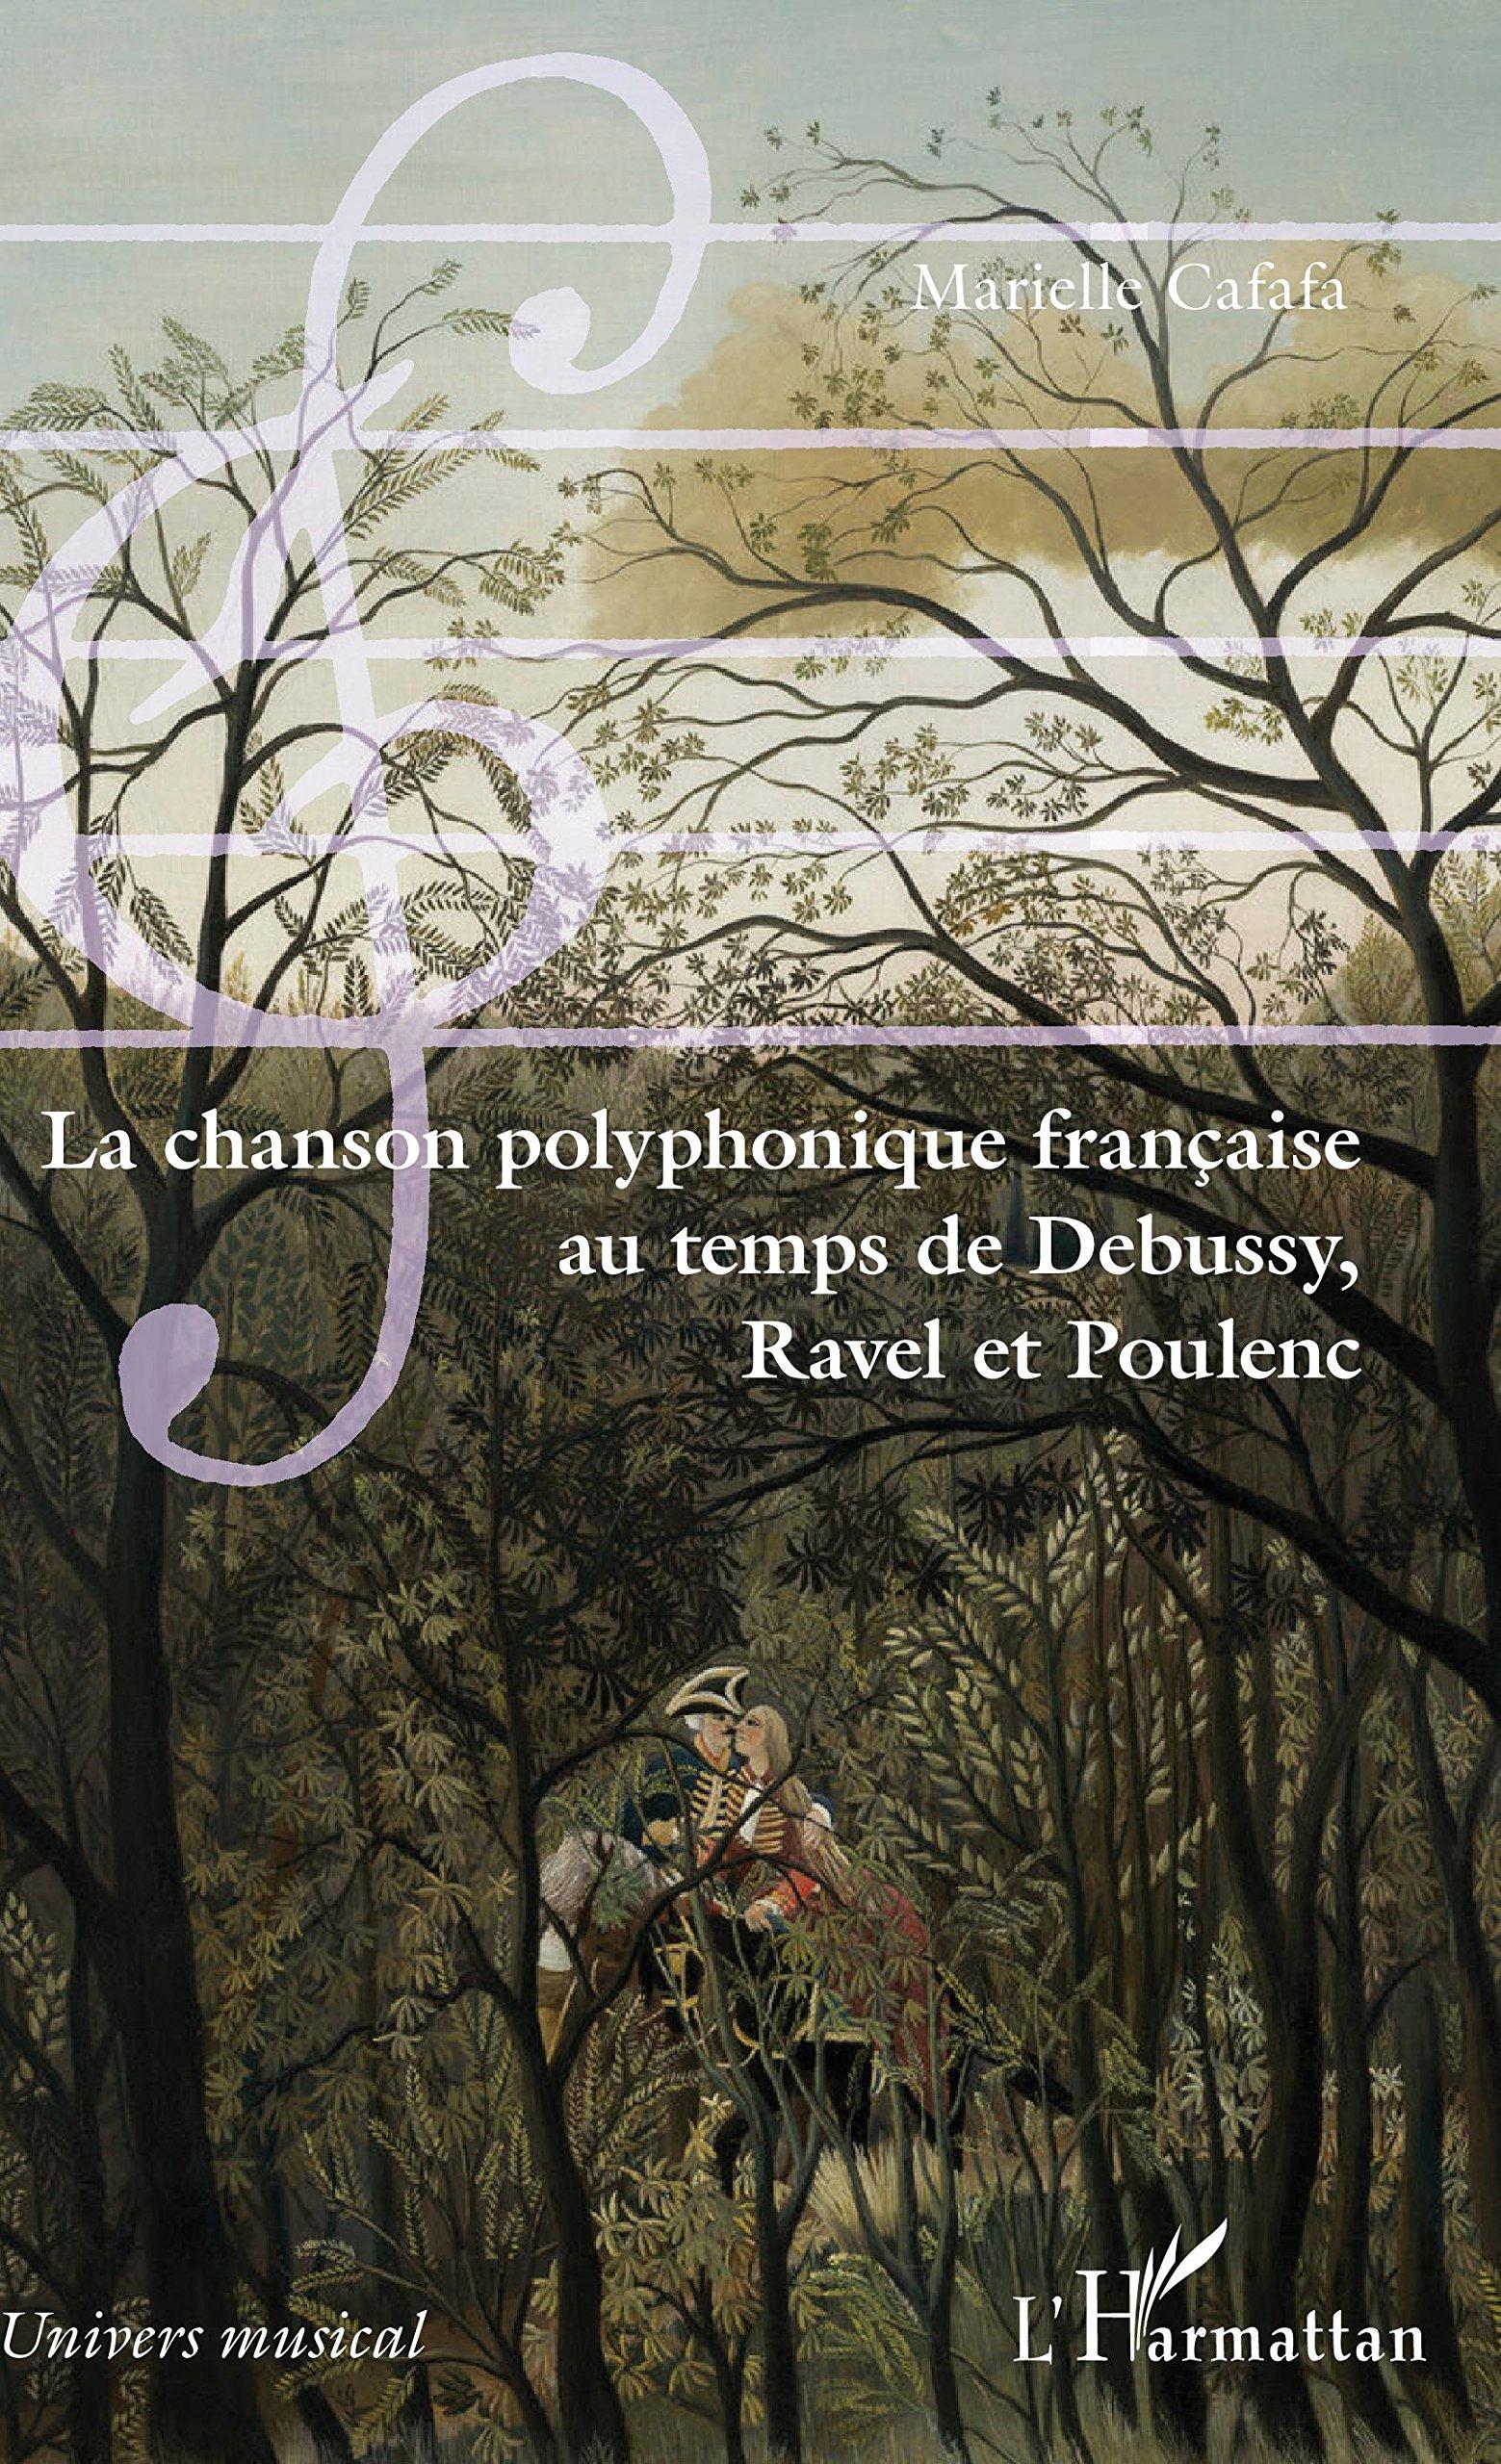 La chanson polyphonique française au temps de Debussy, Ravel et Poulenc (French Edition) PDF